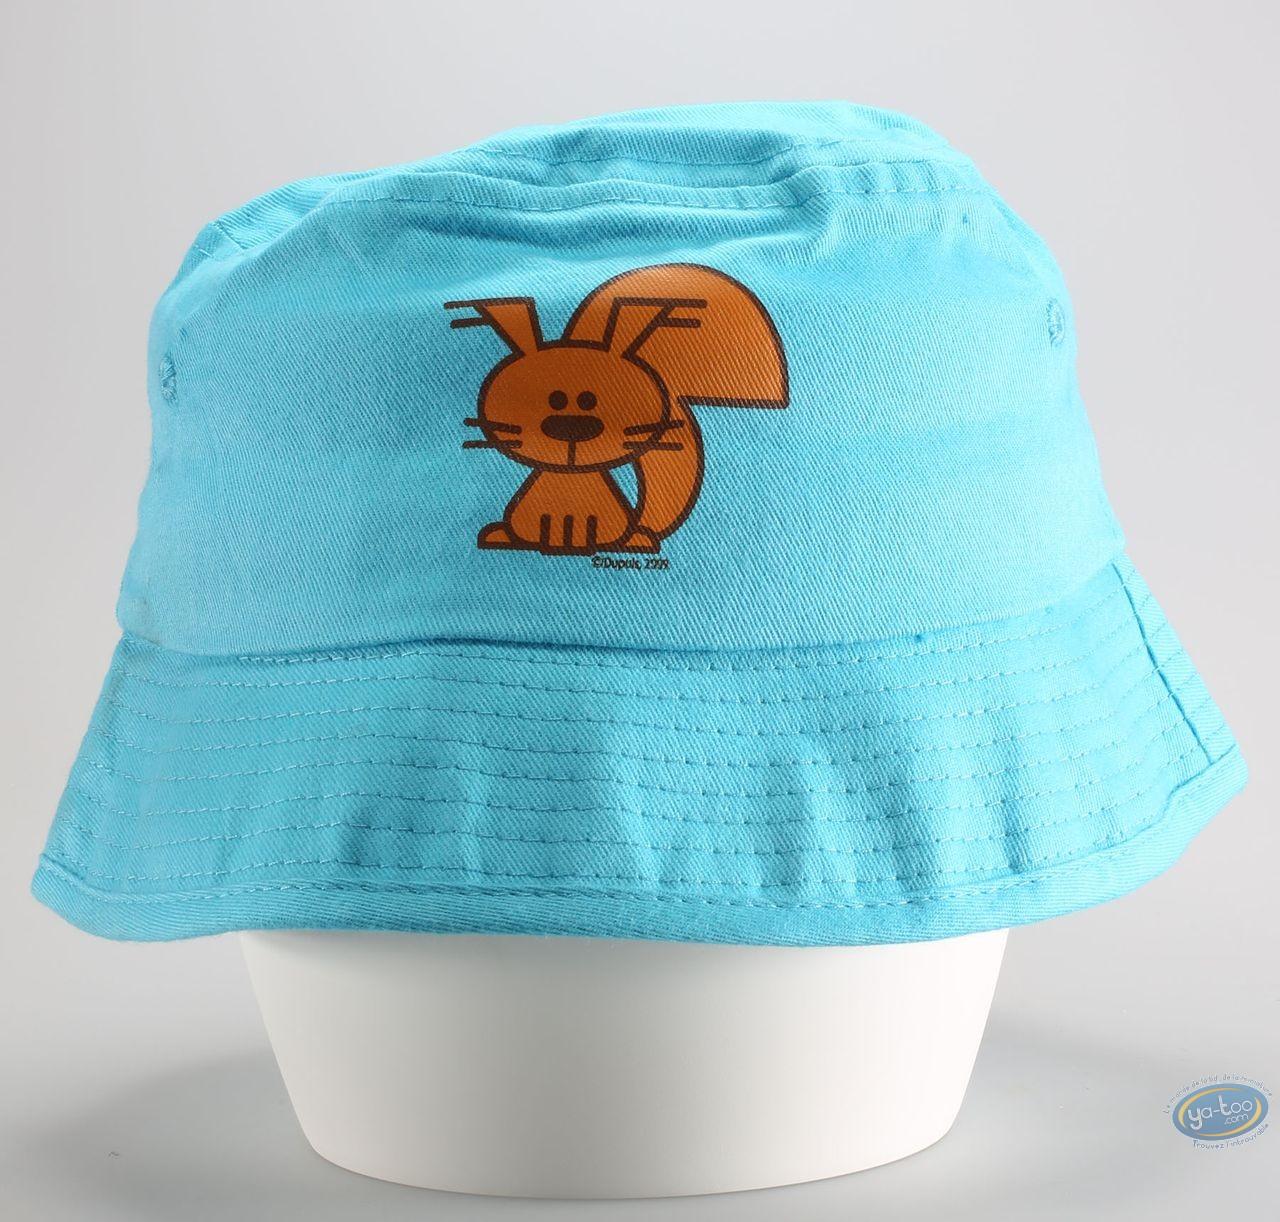 Toy, Spip : Children hat